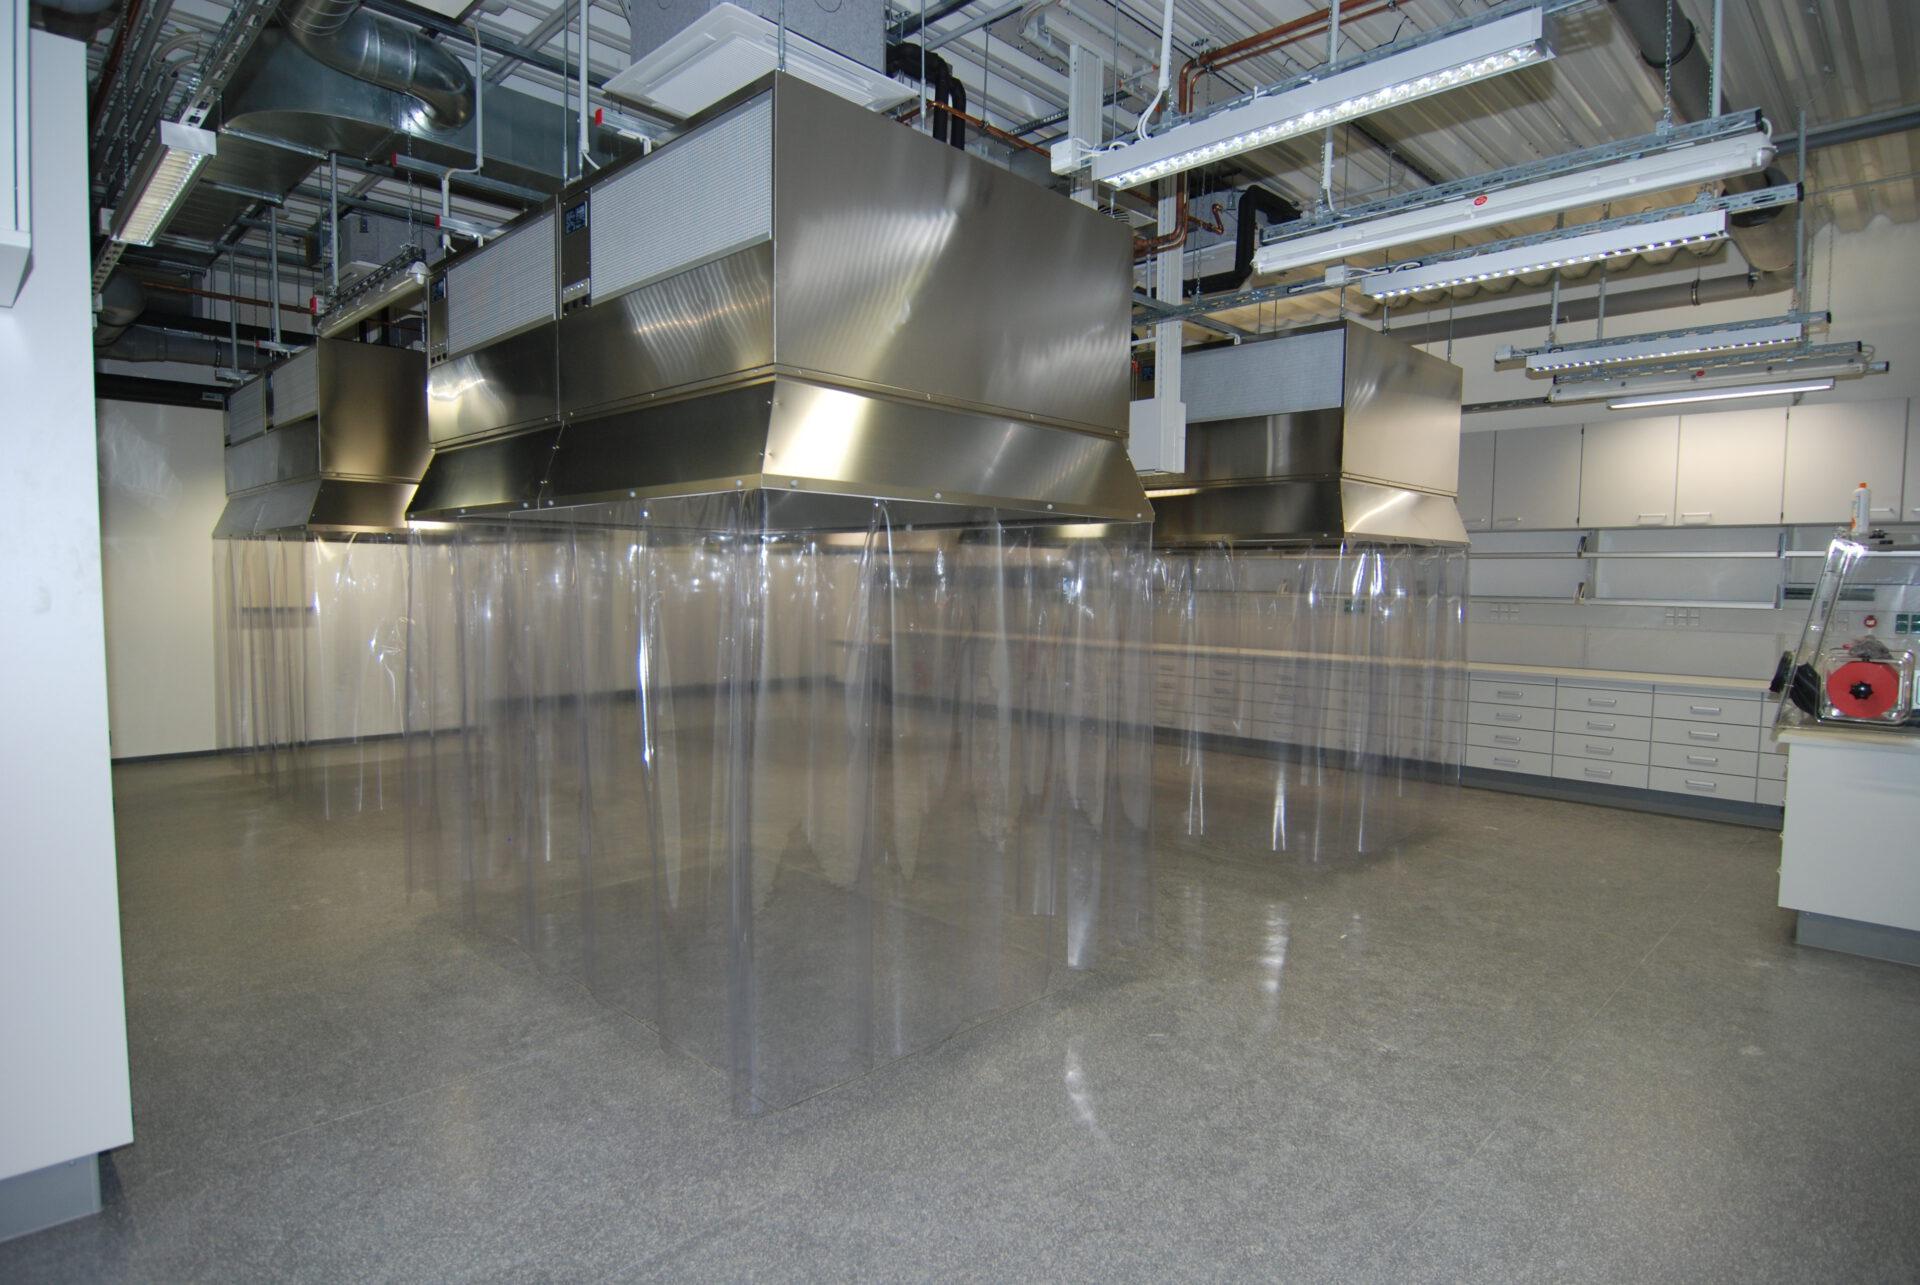 Abgeschirmter Laborraum